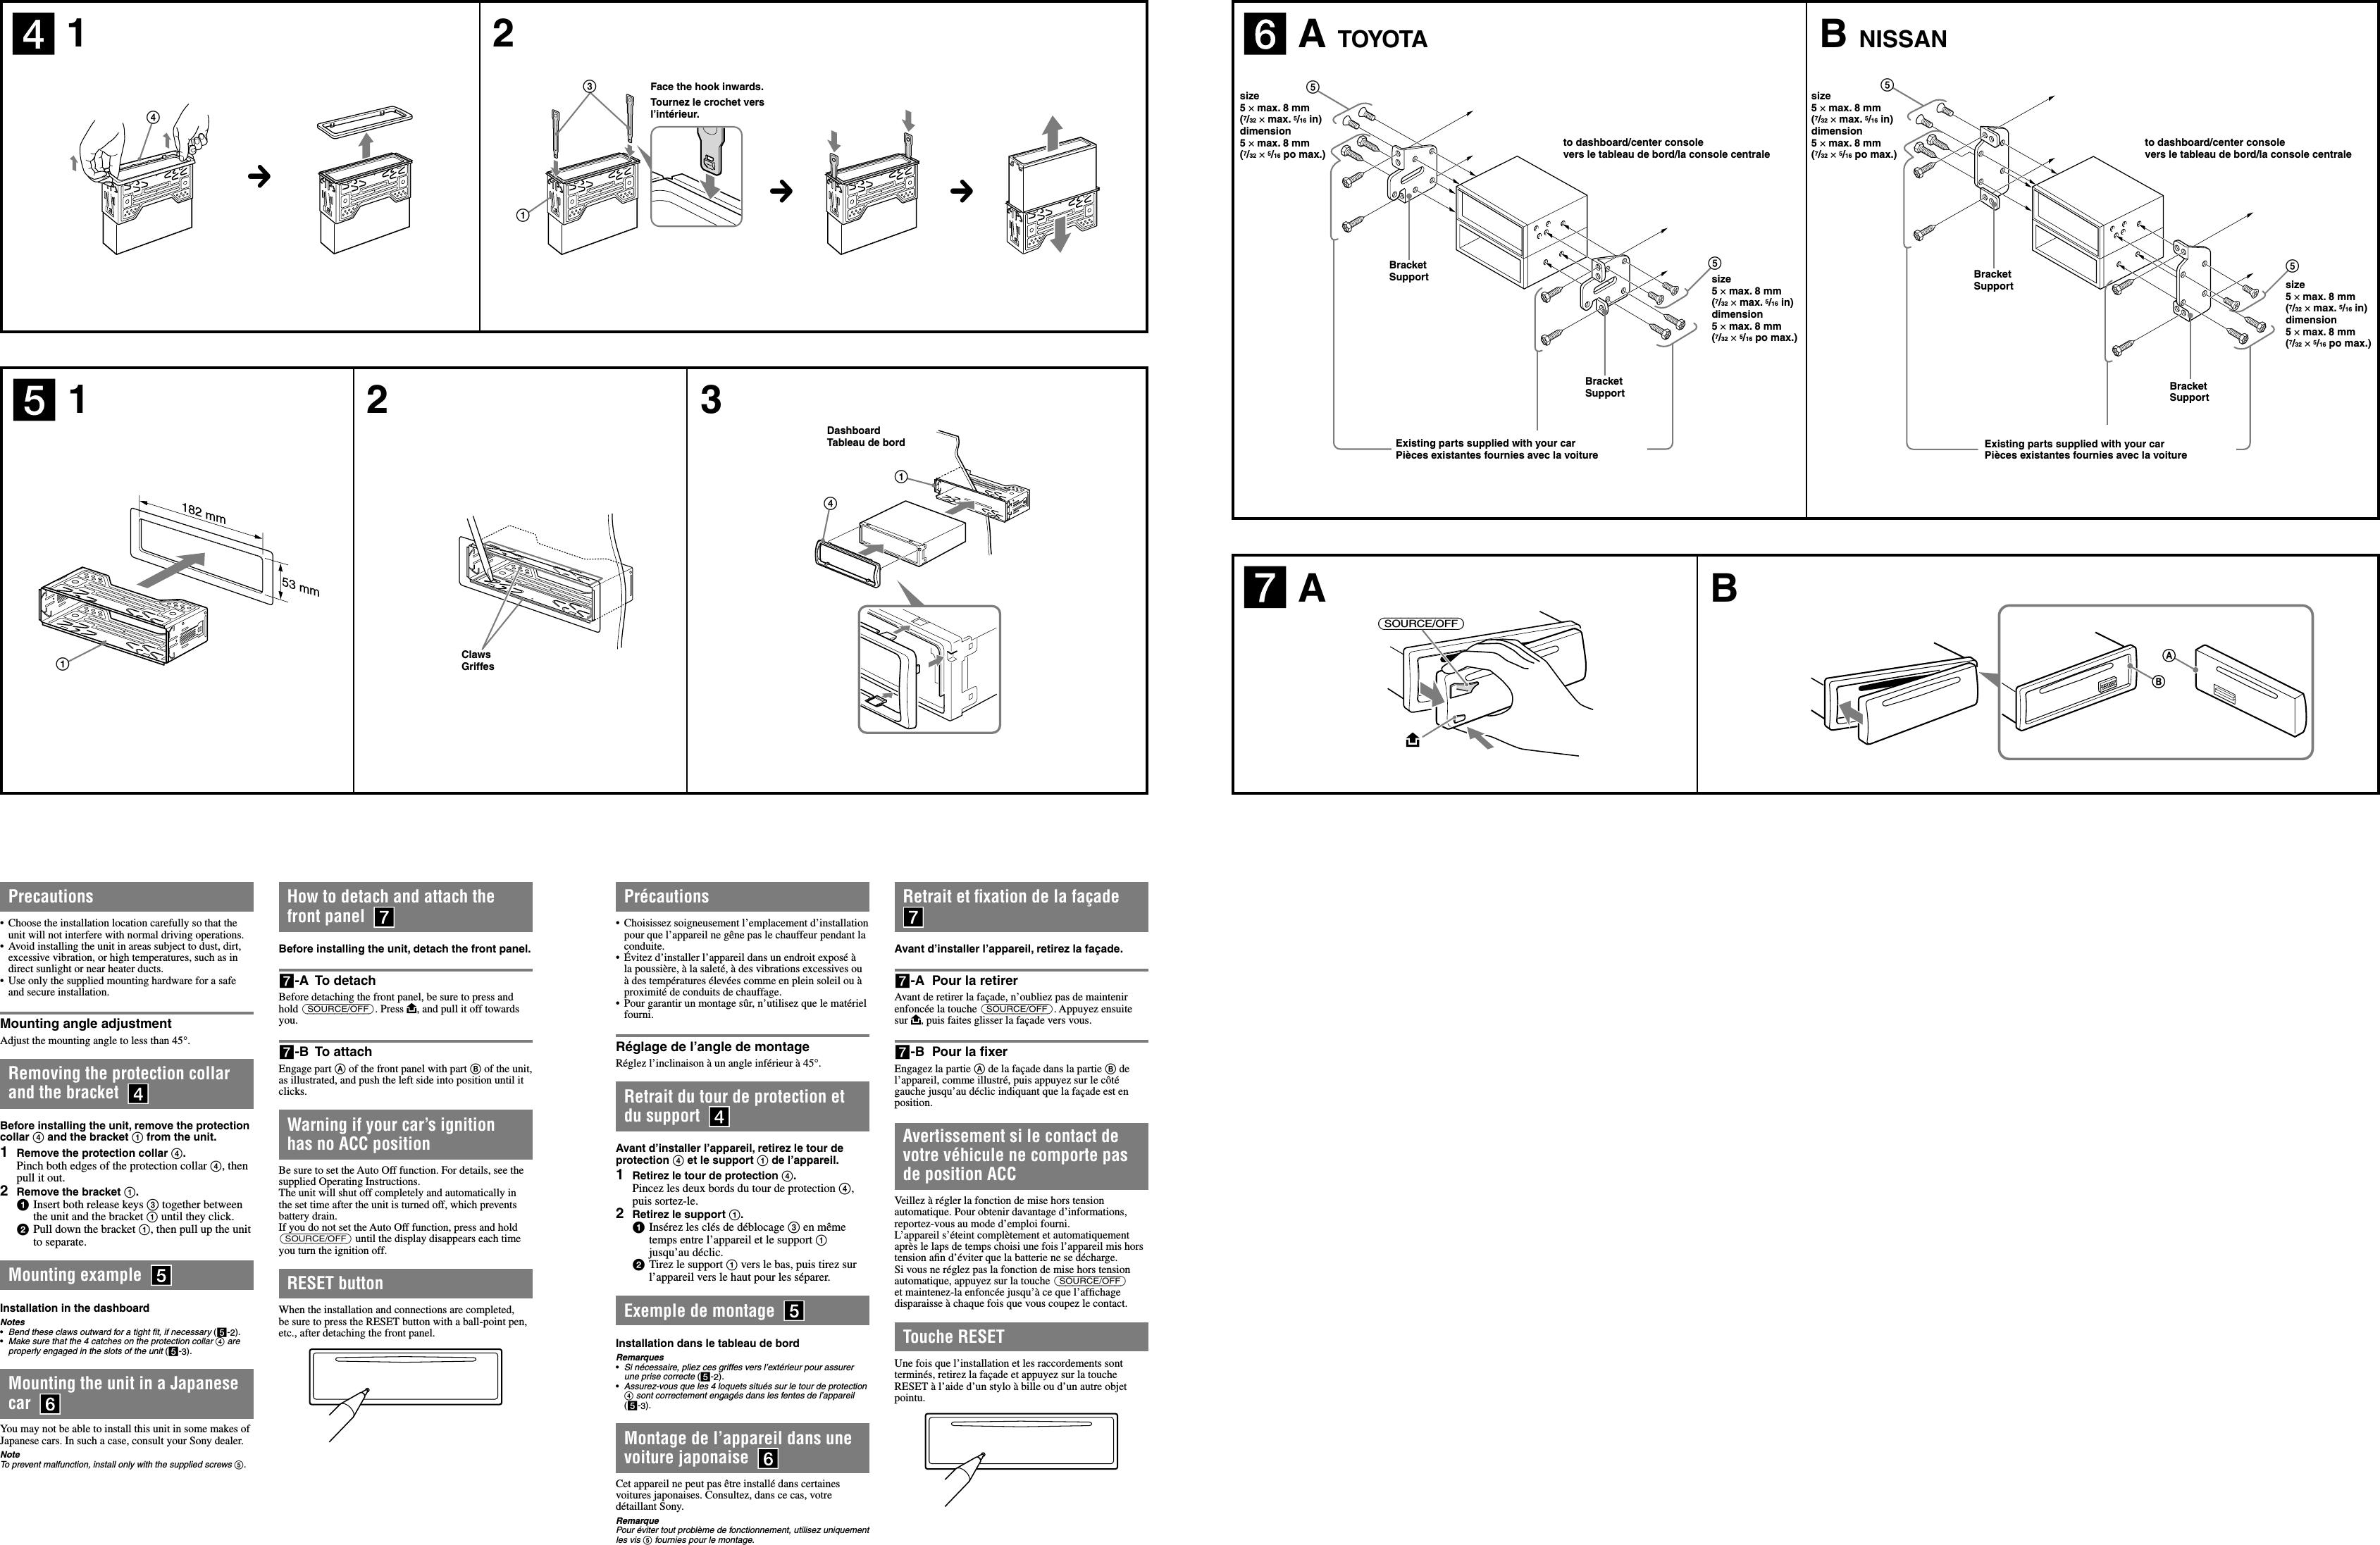 Enjoyable Sony Cdx Gt540Ui Manual Owner Manual Wiring Diagram Wiring Cloud Vieworaidewilluminateatxorg